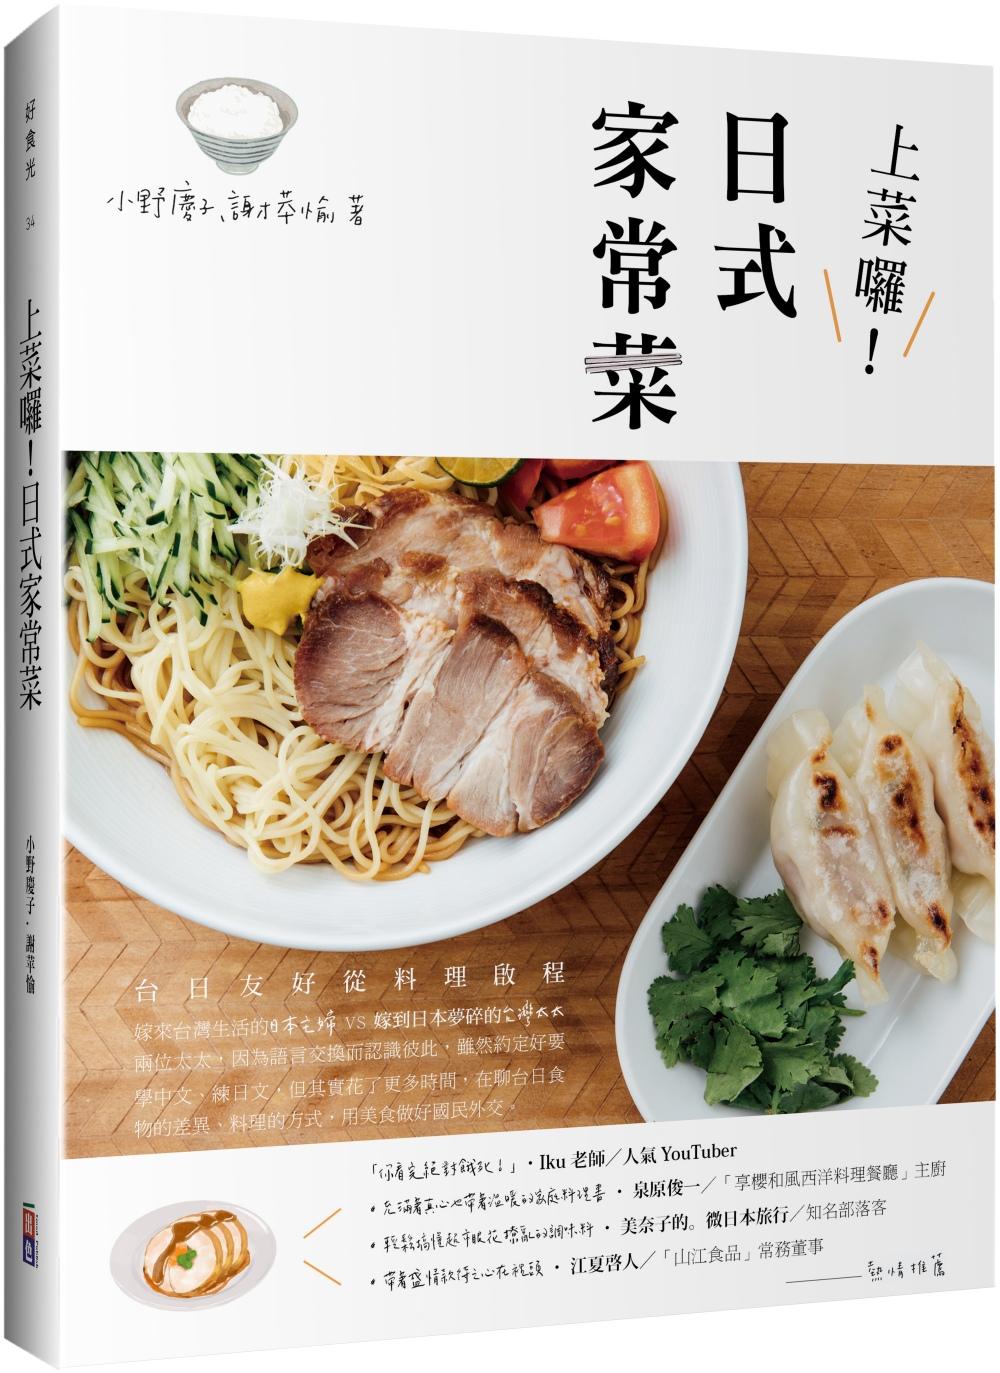 上菜囉!日式家常菜